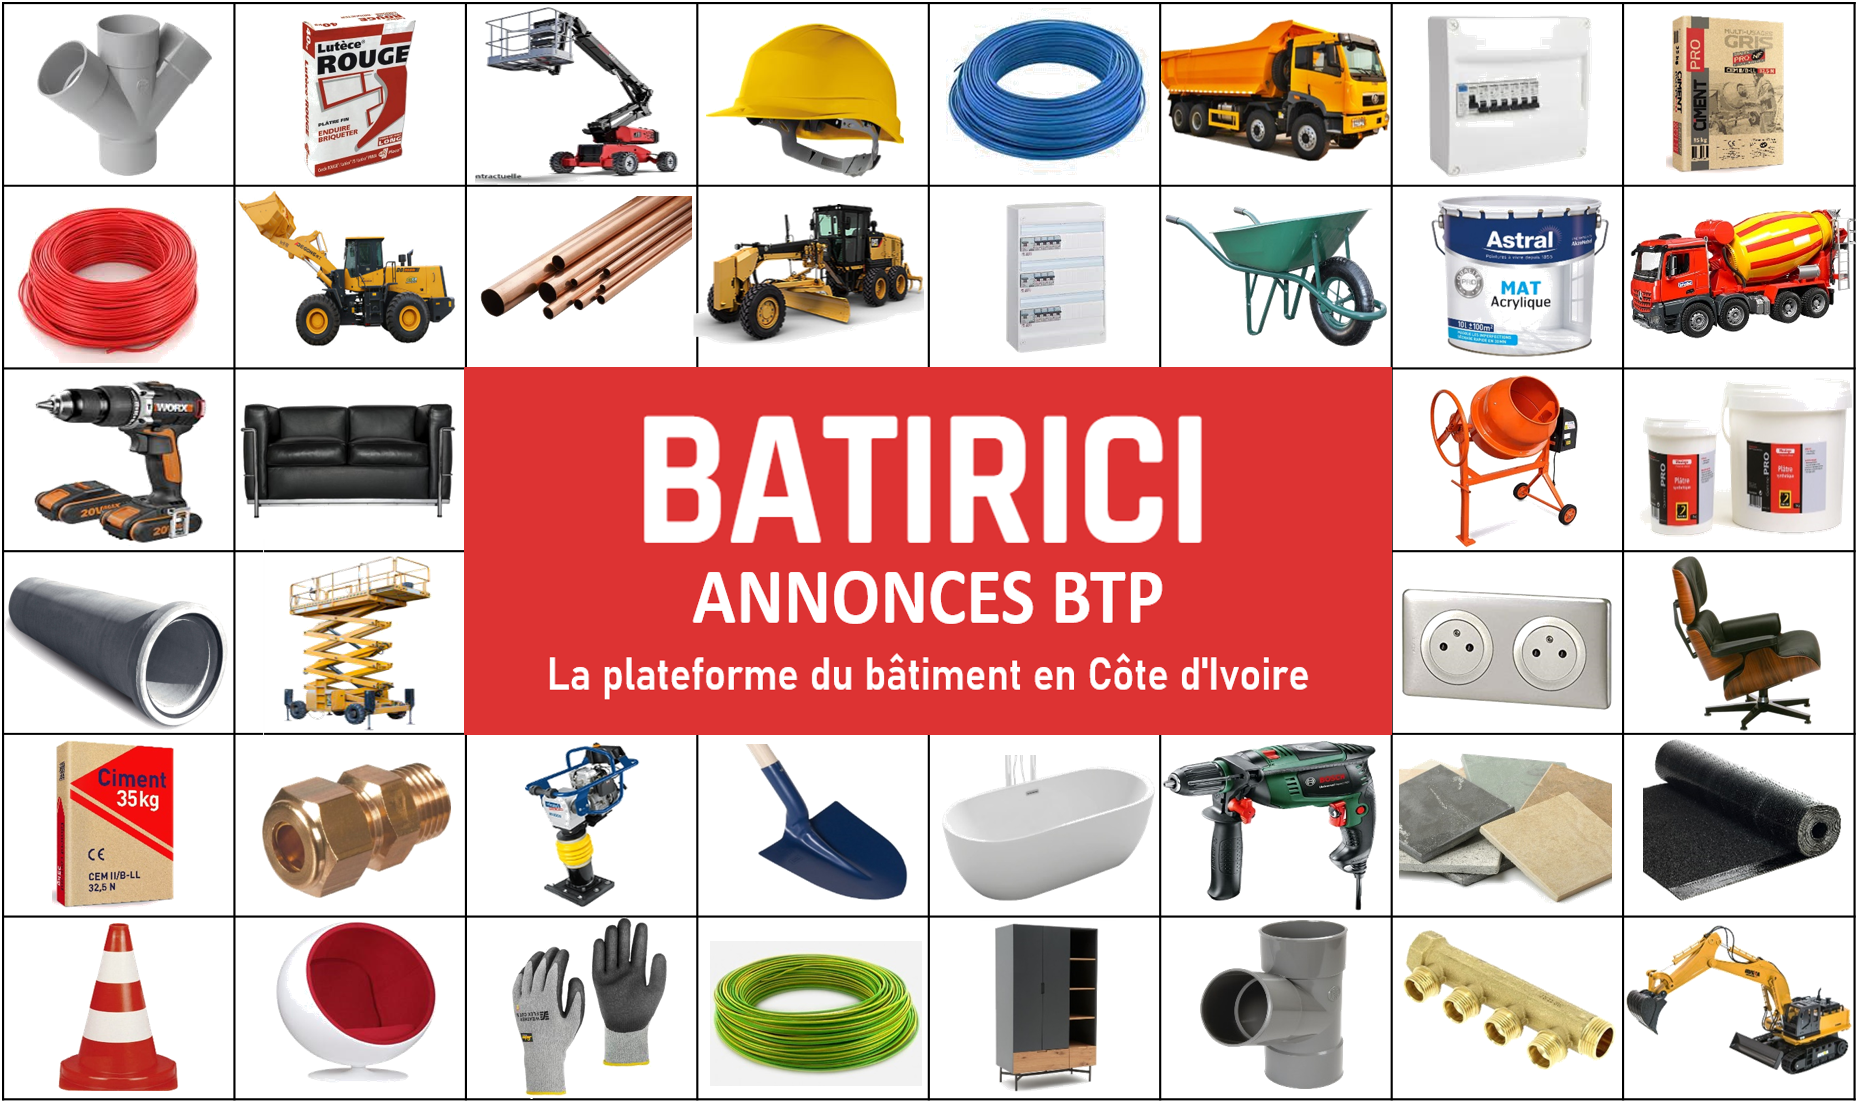 Annonce BTP, La plate-forme du bâtiment